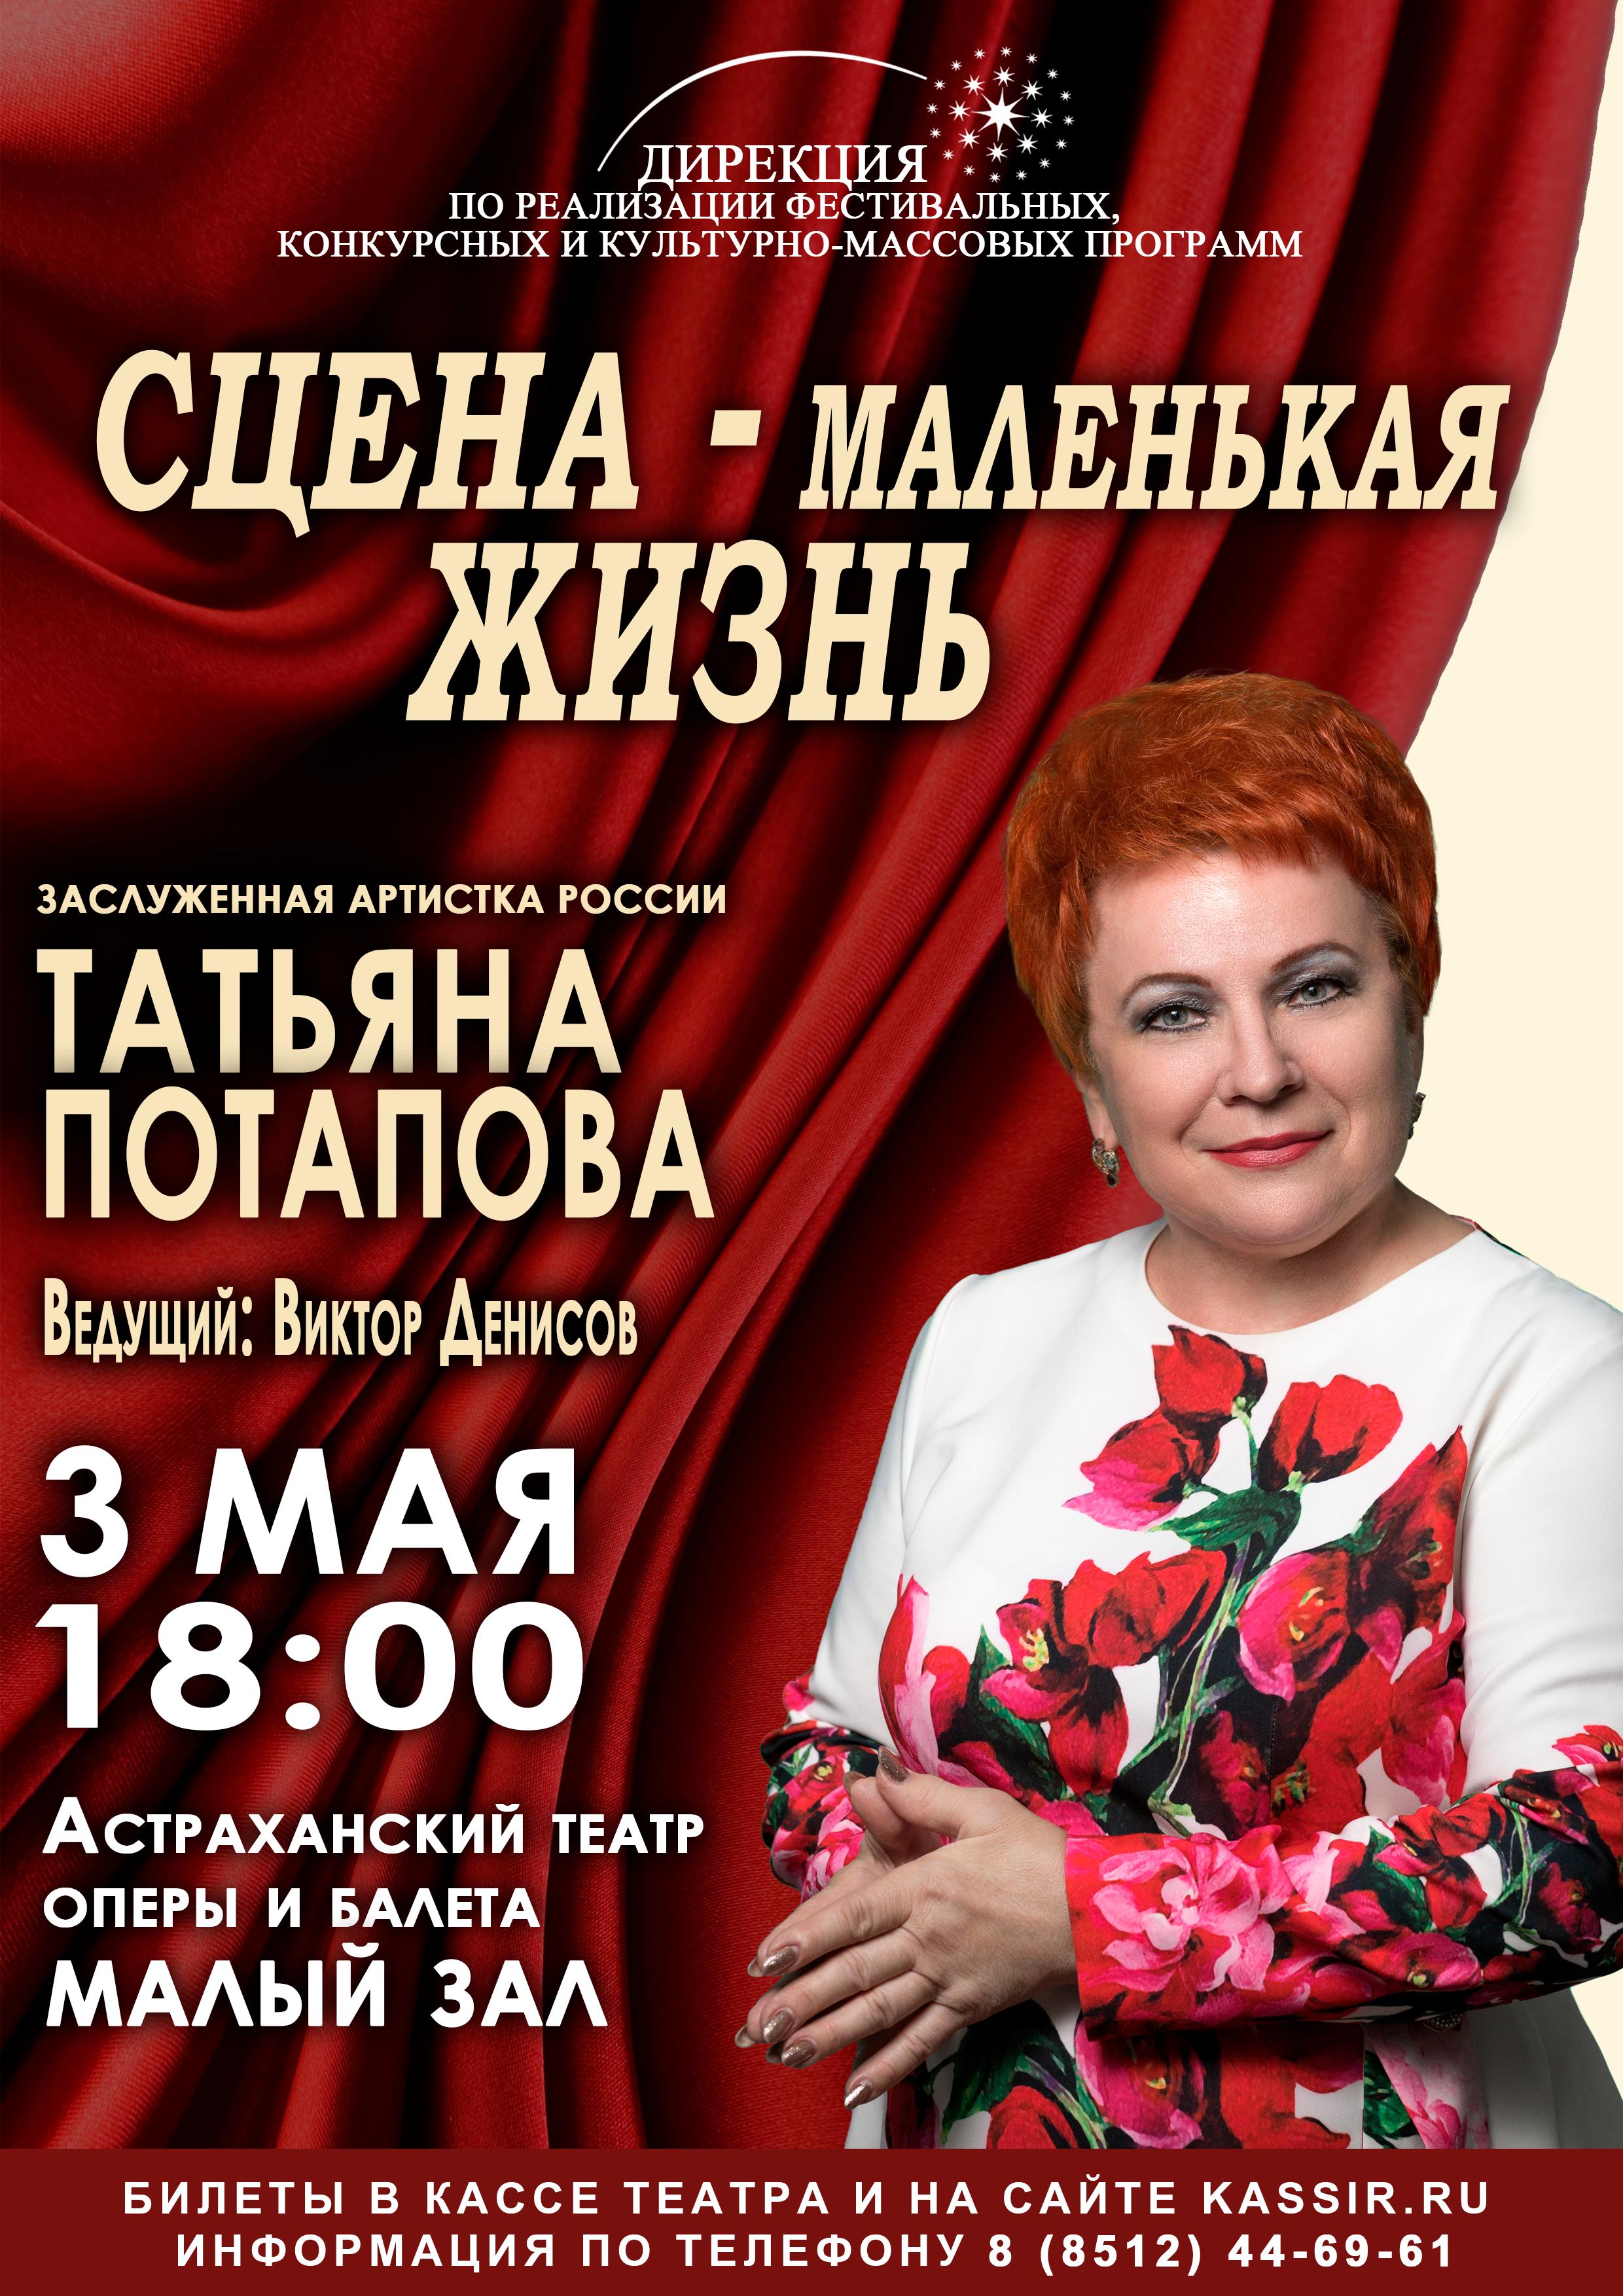 """Концерт  """"СЦЕНА-маленькая ЖИЗНЬ"""""""